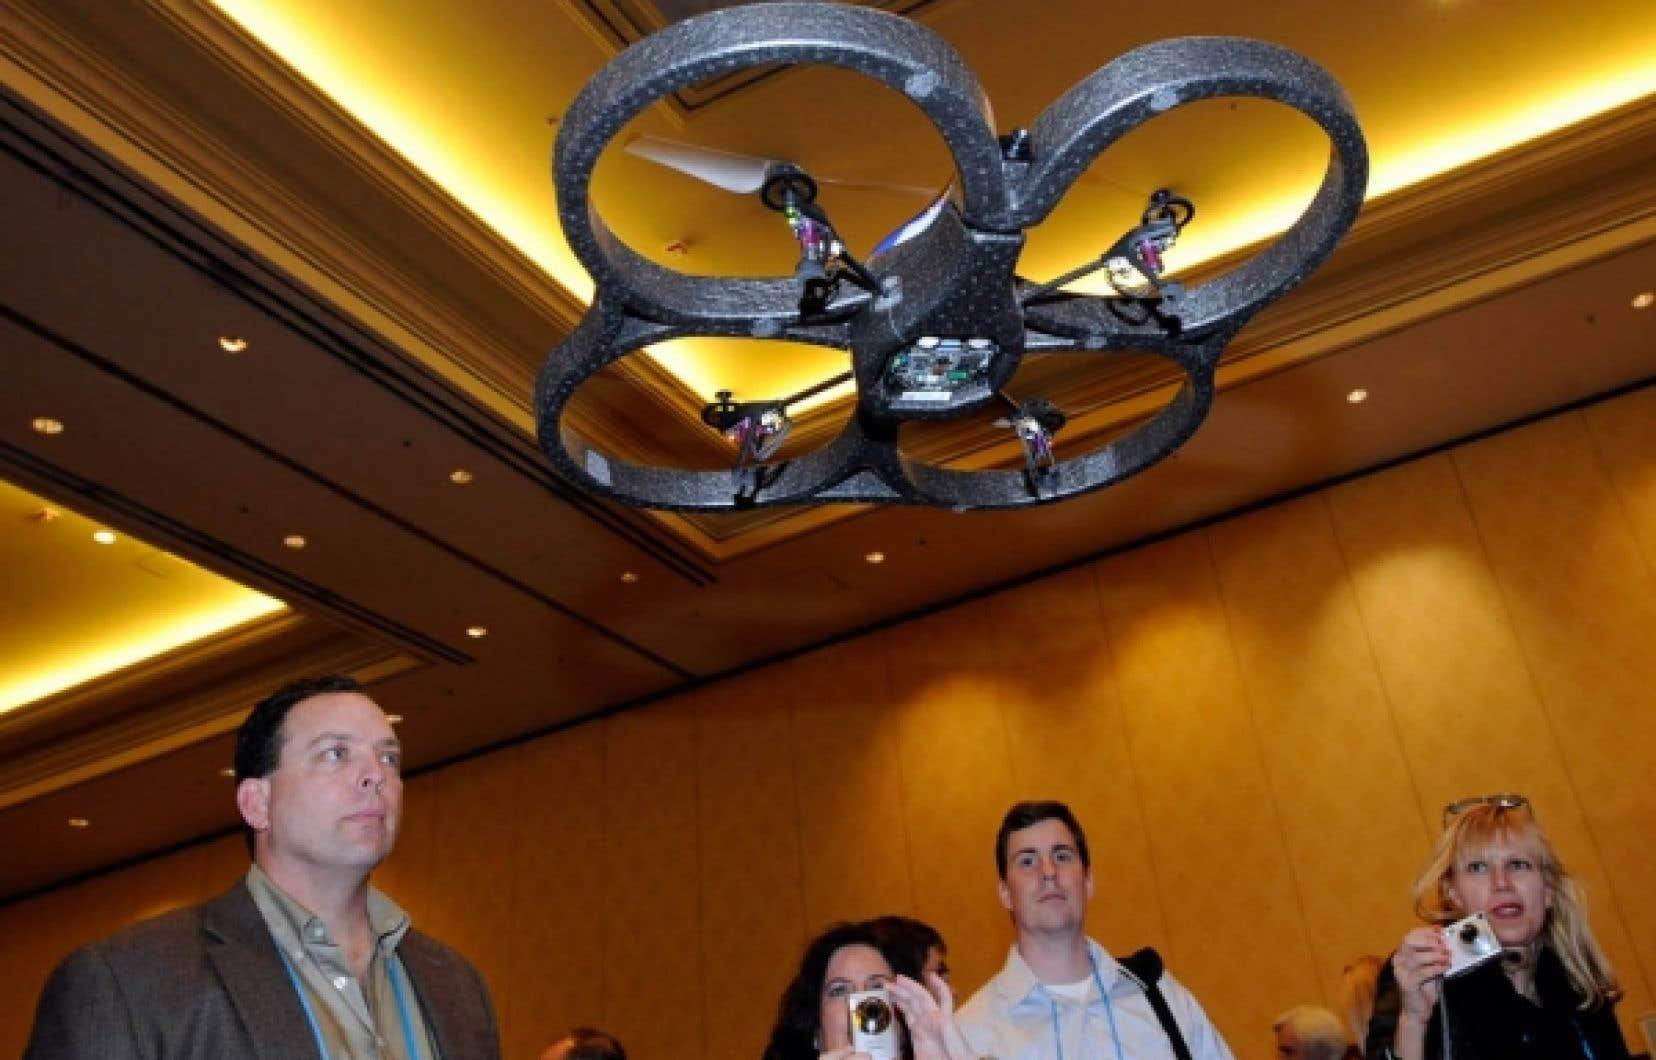 Des journalistes observent le vol d'un de l'AR drone, un robot piloté grâce à l'iPhone ou au baladeur iPod touch.